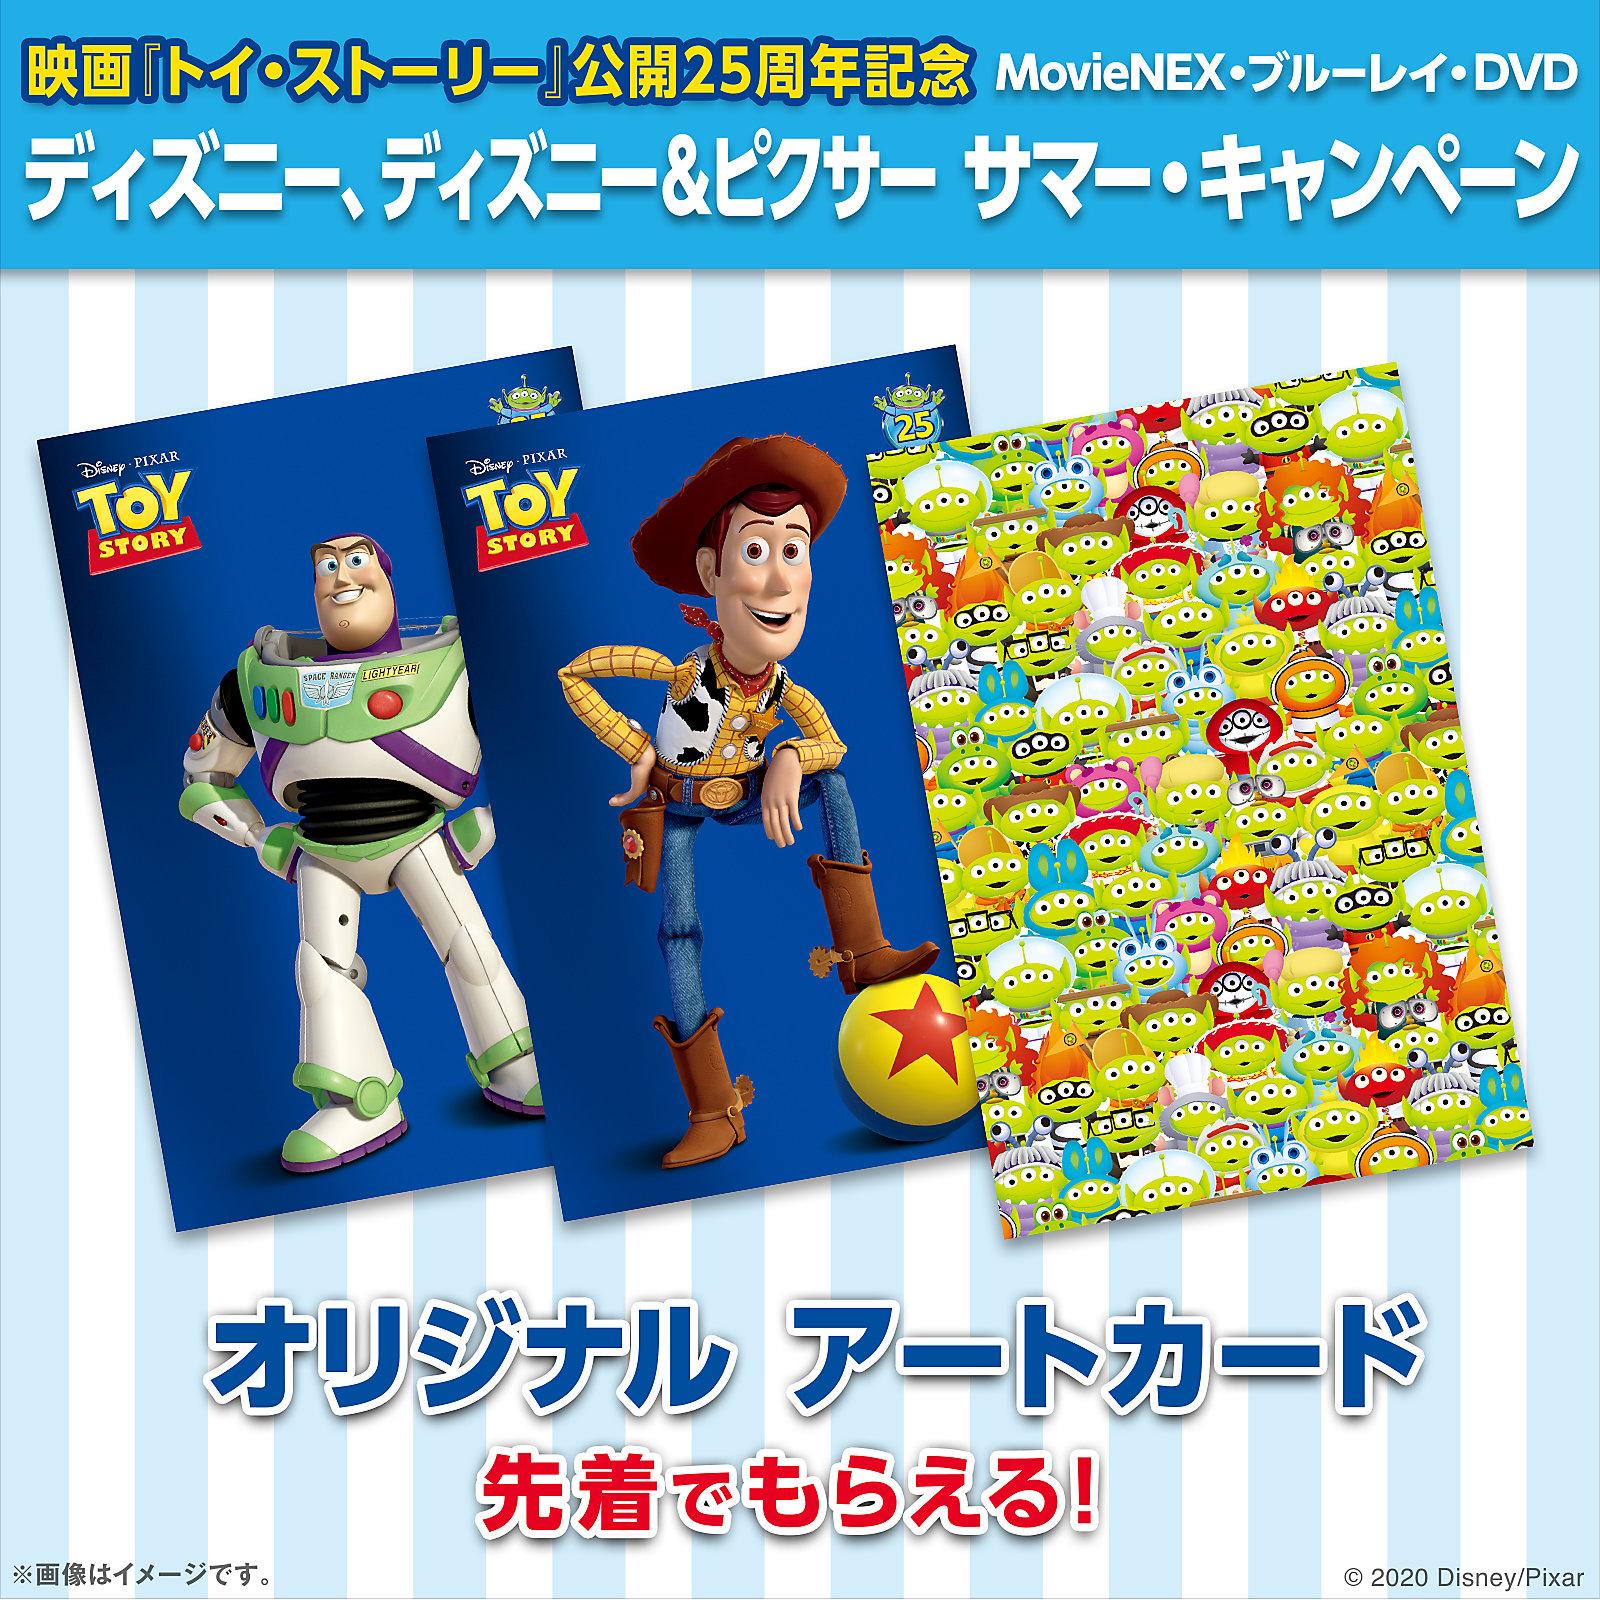 トイ・ストーリー』オリジナル・アートカード(3枚セット)